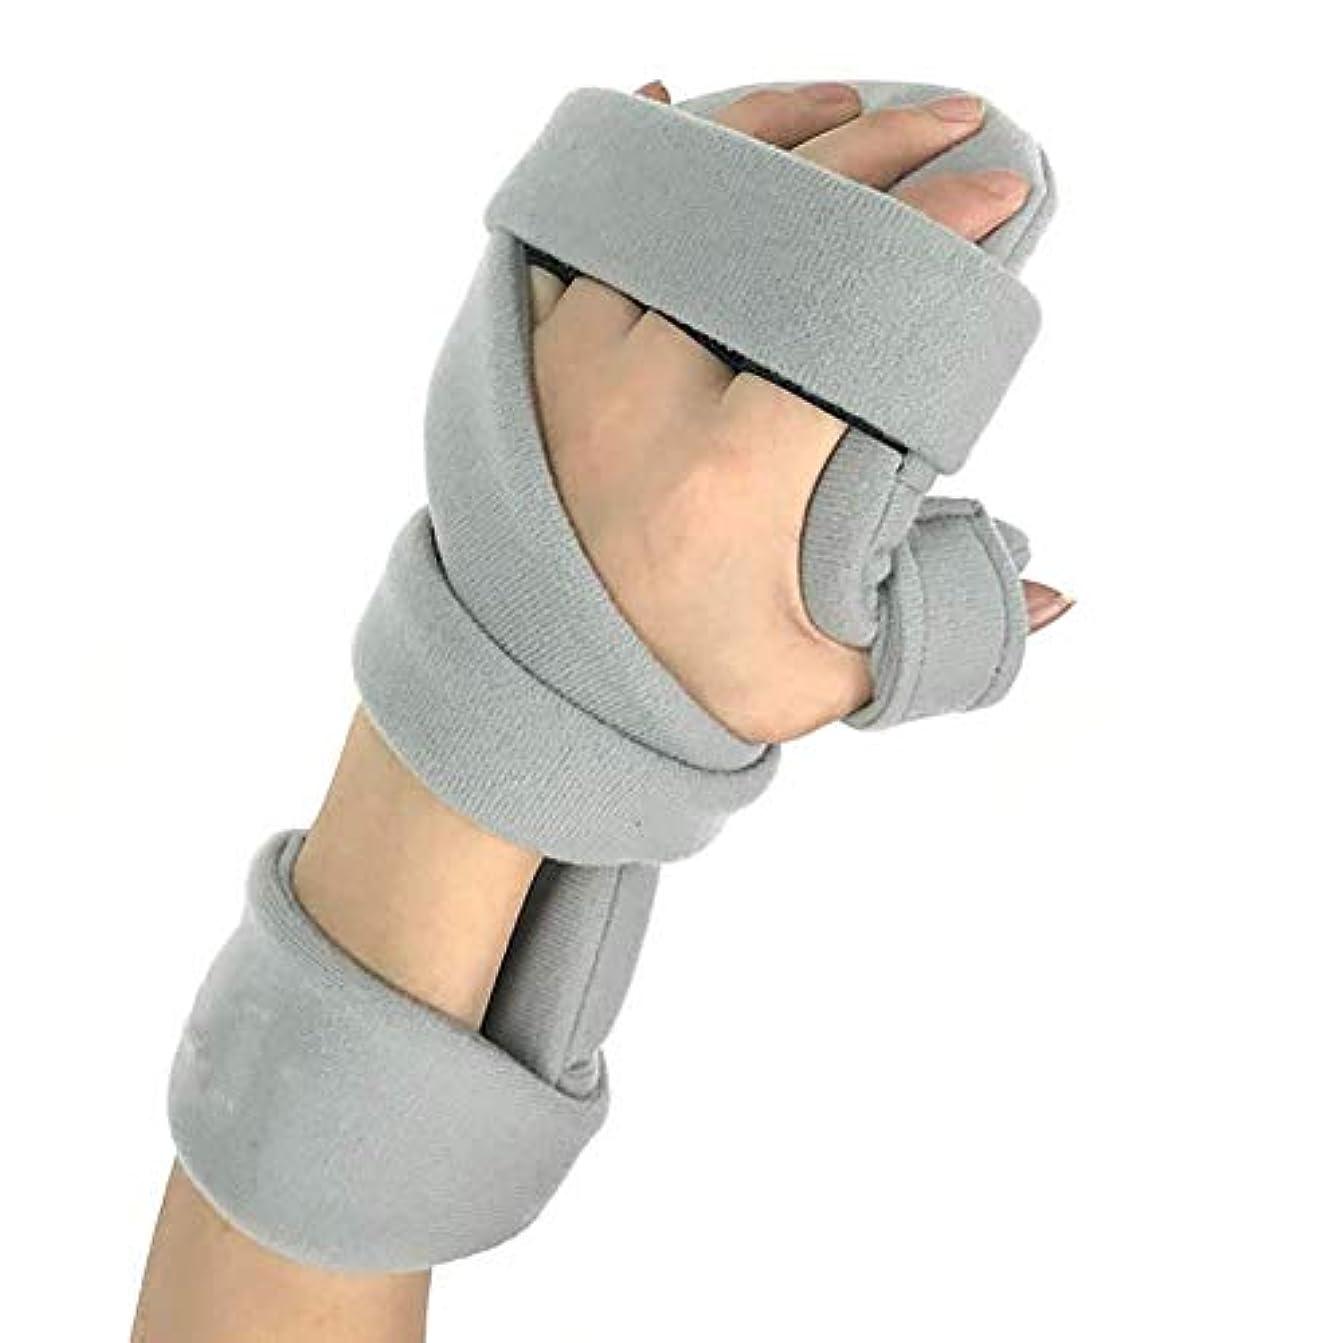 保守可能公園キャップ指の怪我のサポート、脳卒中片麻痺患者のリハビリテーションツール支援の指の副木手袋,Left Hand